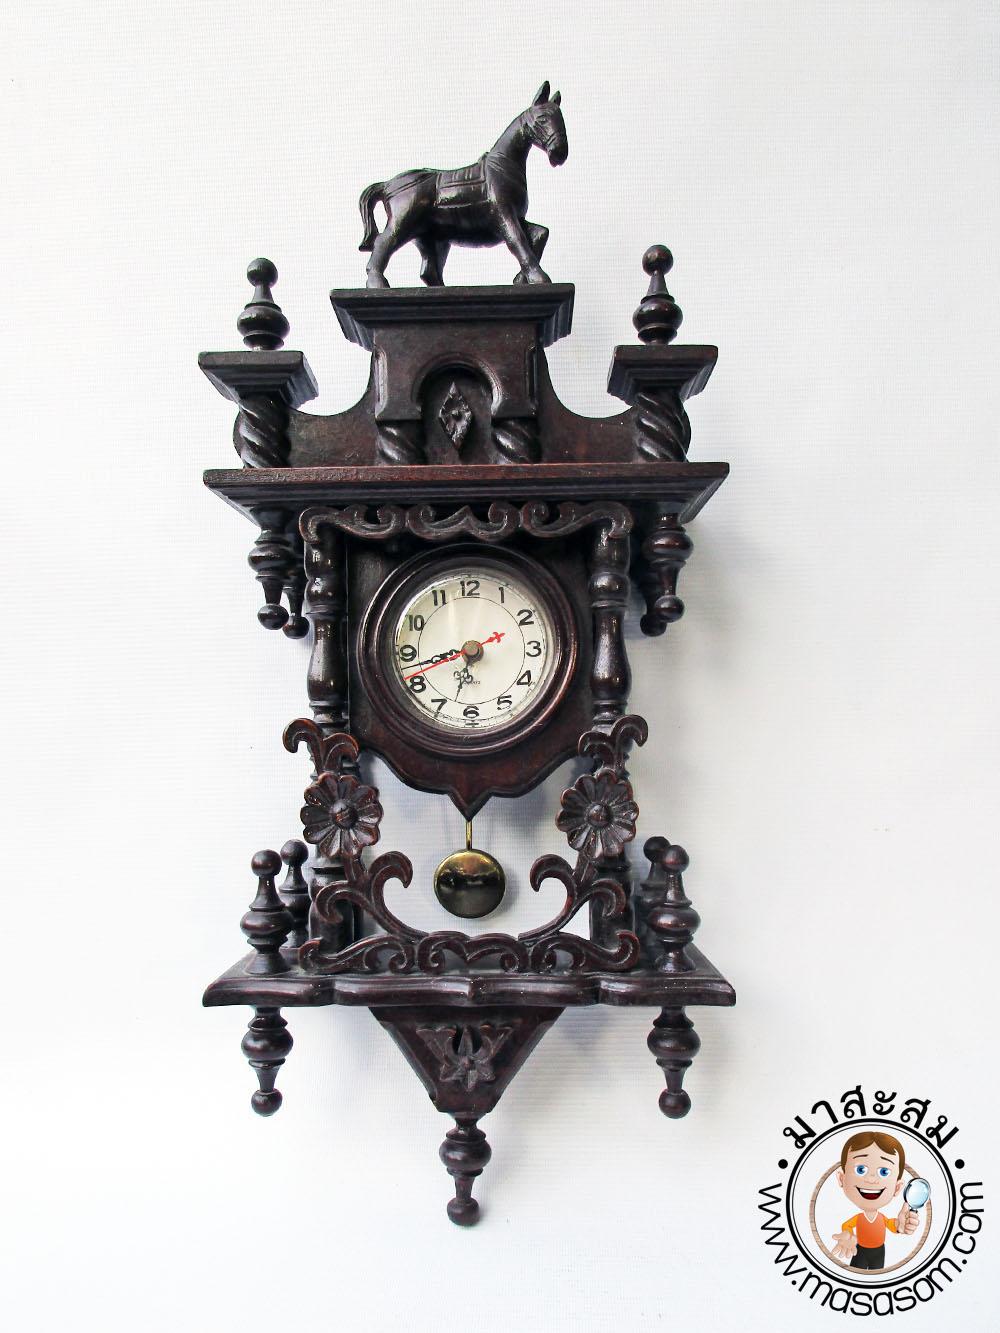 นาฬิกาลูกตุ้มไม้สัก